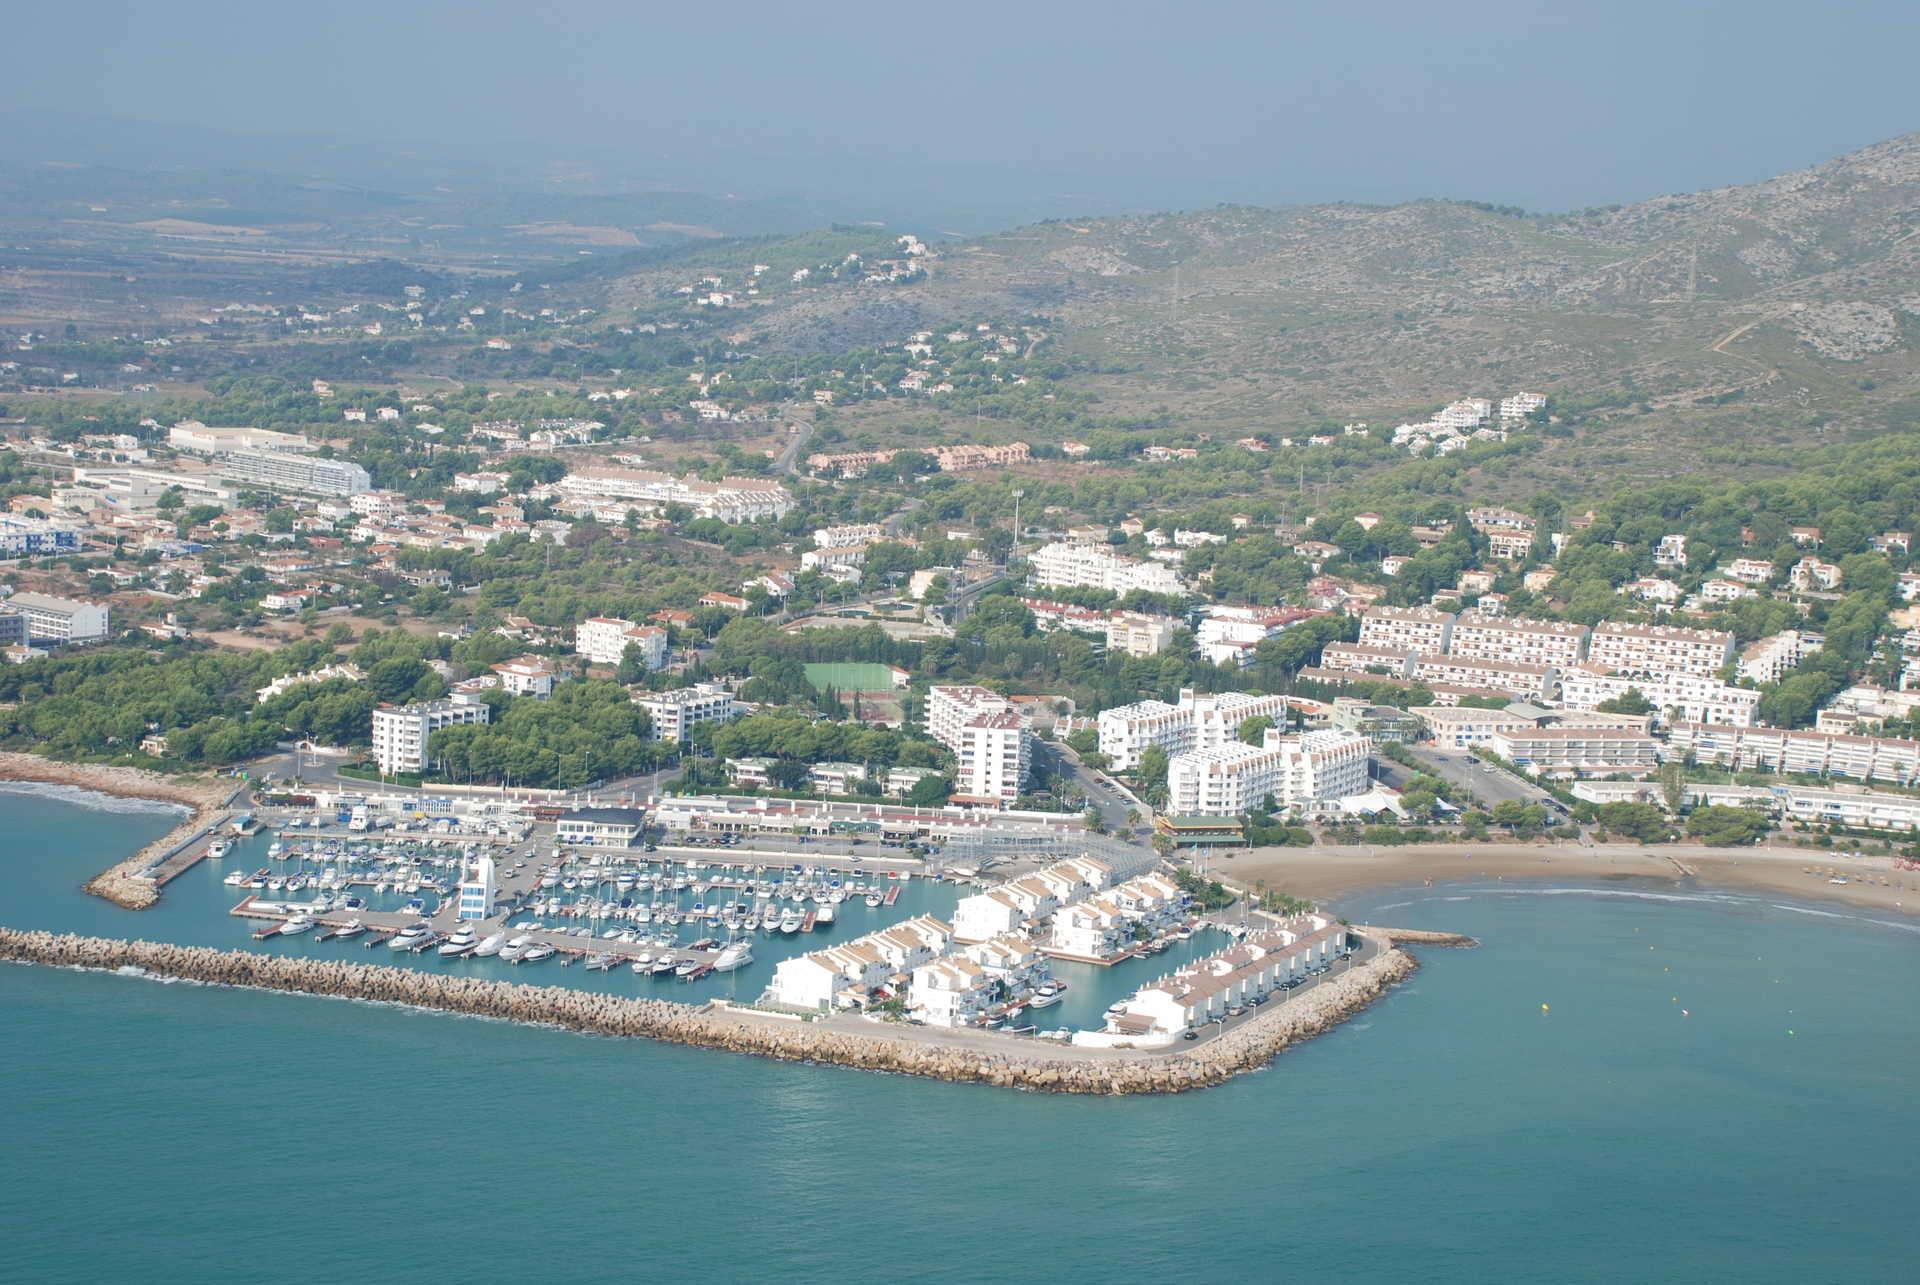 Puerto Deportivo Las Fuentes